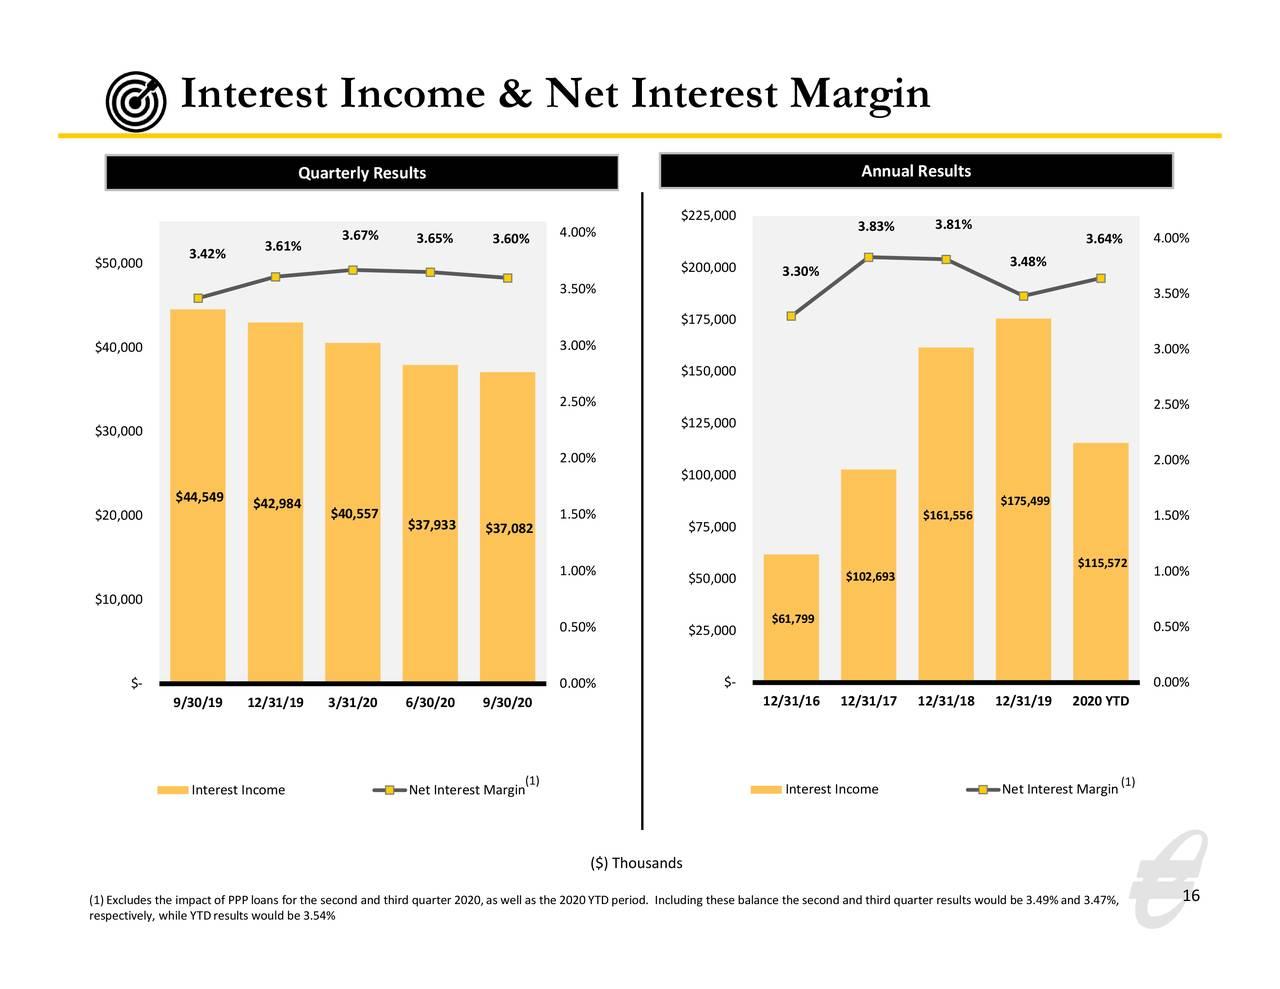 Ingresos por intereses y margen de interés neto